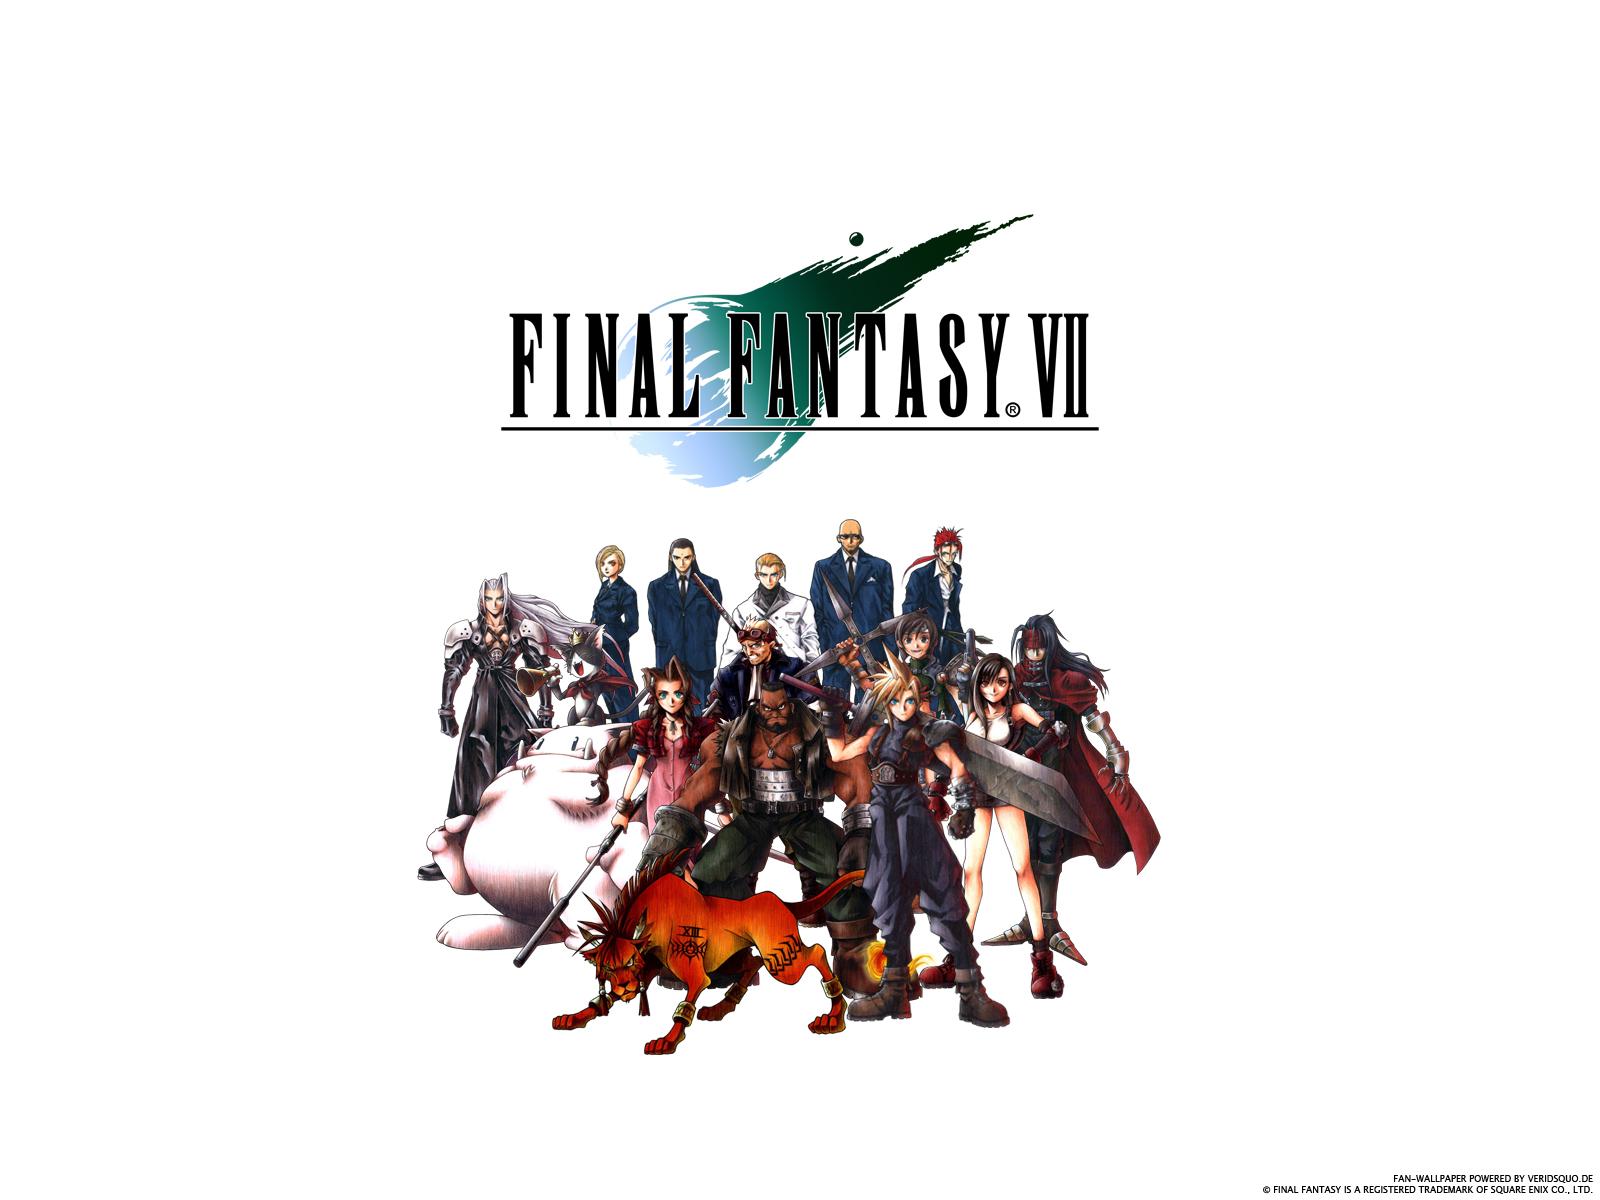 Final Fantasy VII Wallpaper by Xiuvera 1600x1200